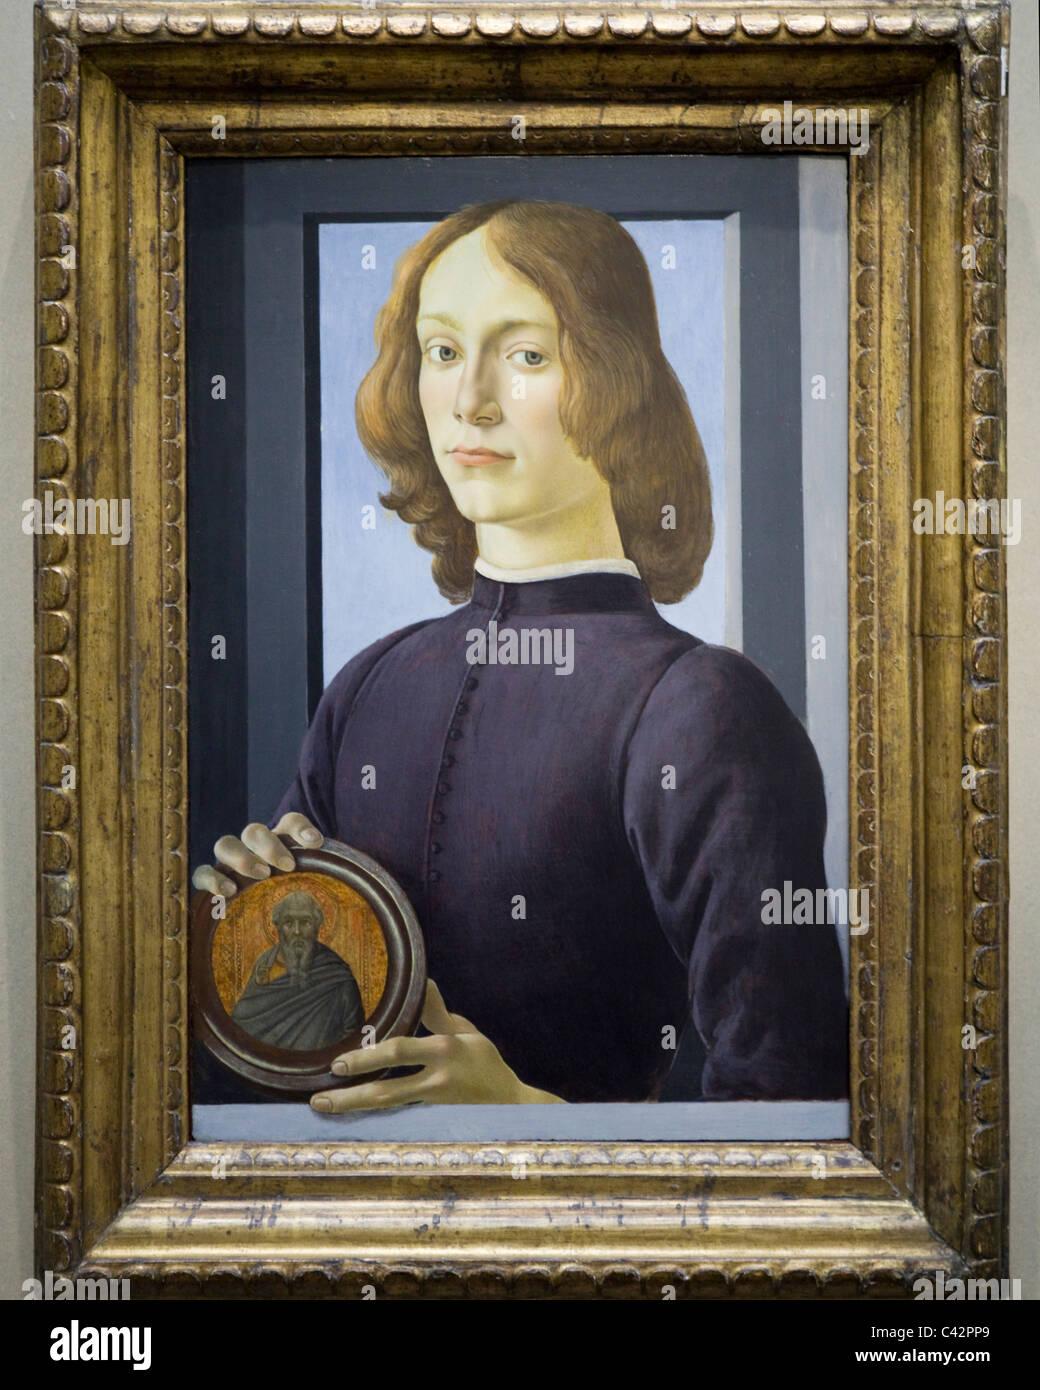 9984ee7c6e9f8 'Portrait d'un jeune homme tenant un médaillon' par Sandro Botticelli, 1485  '